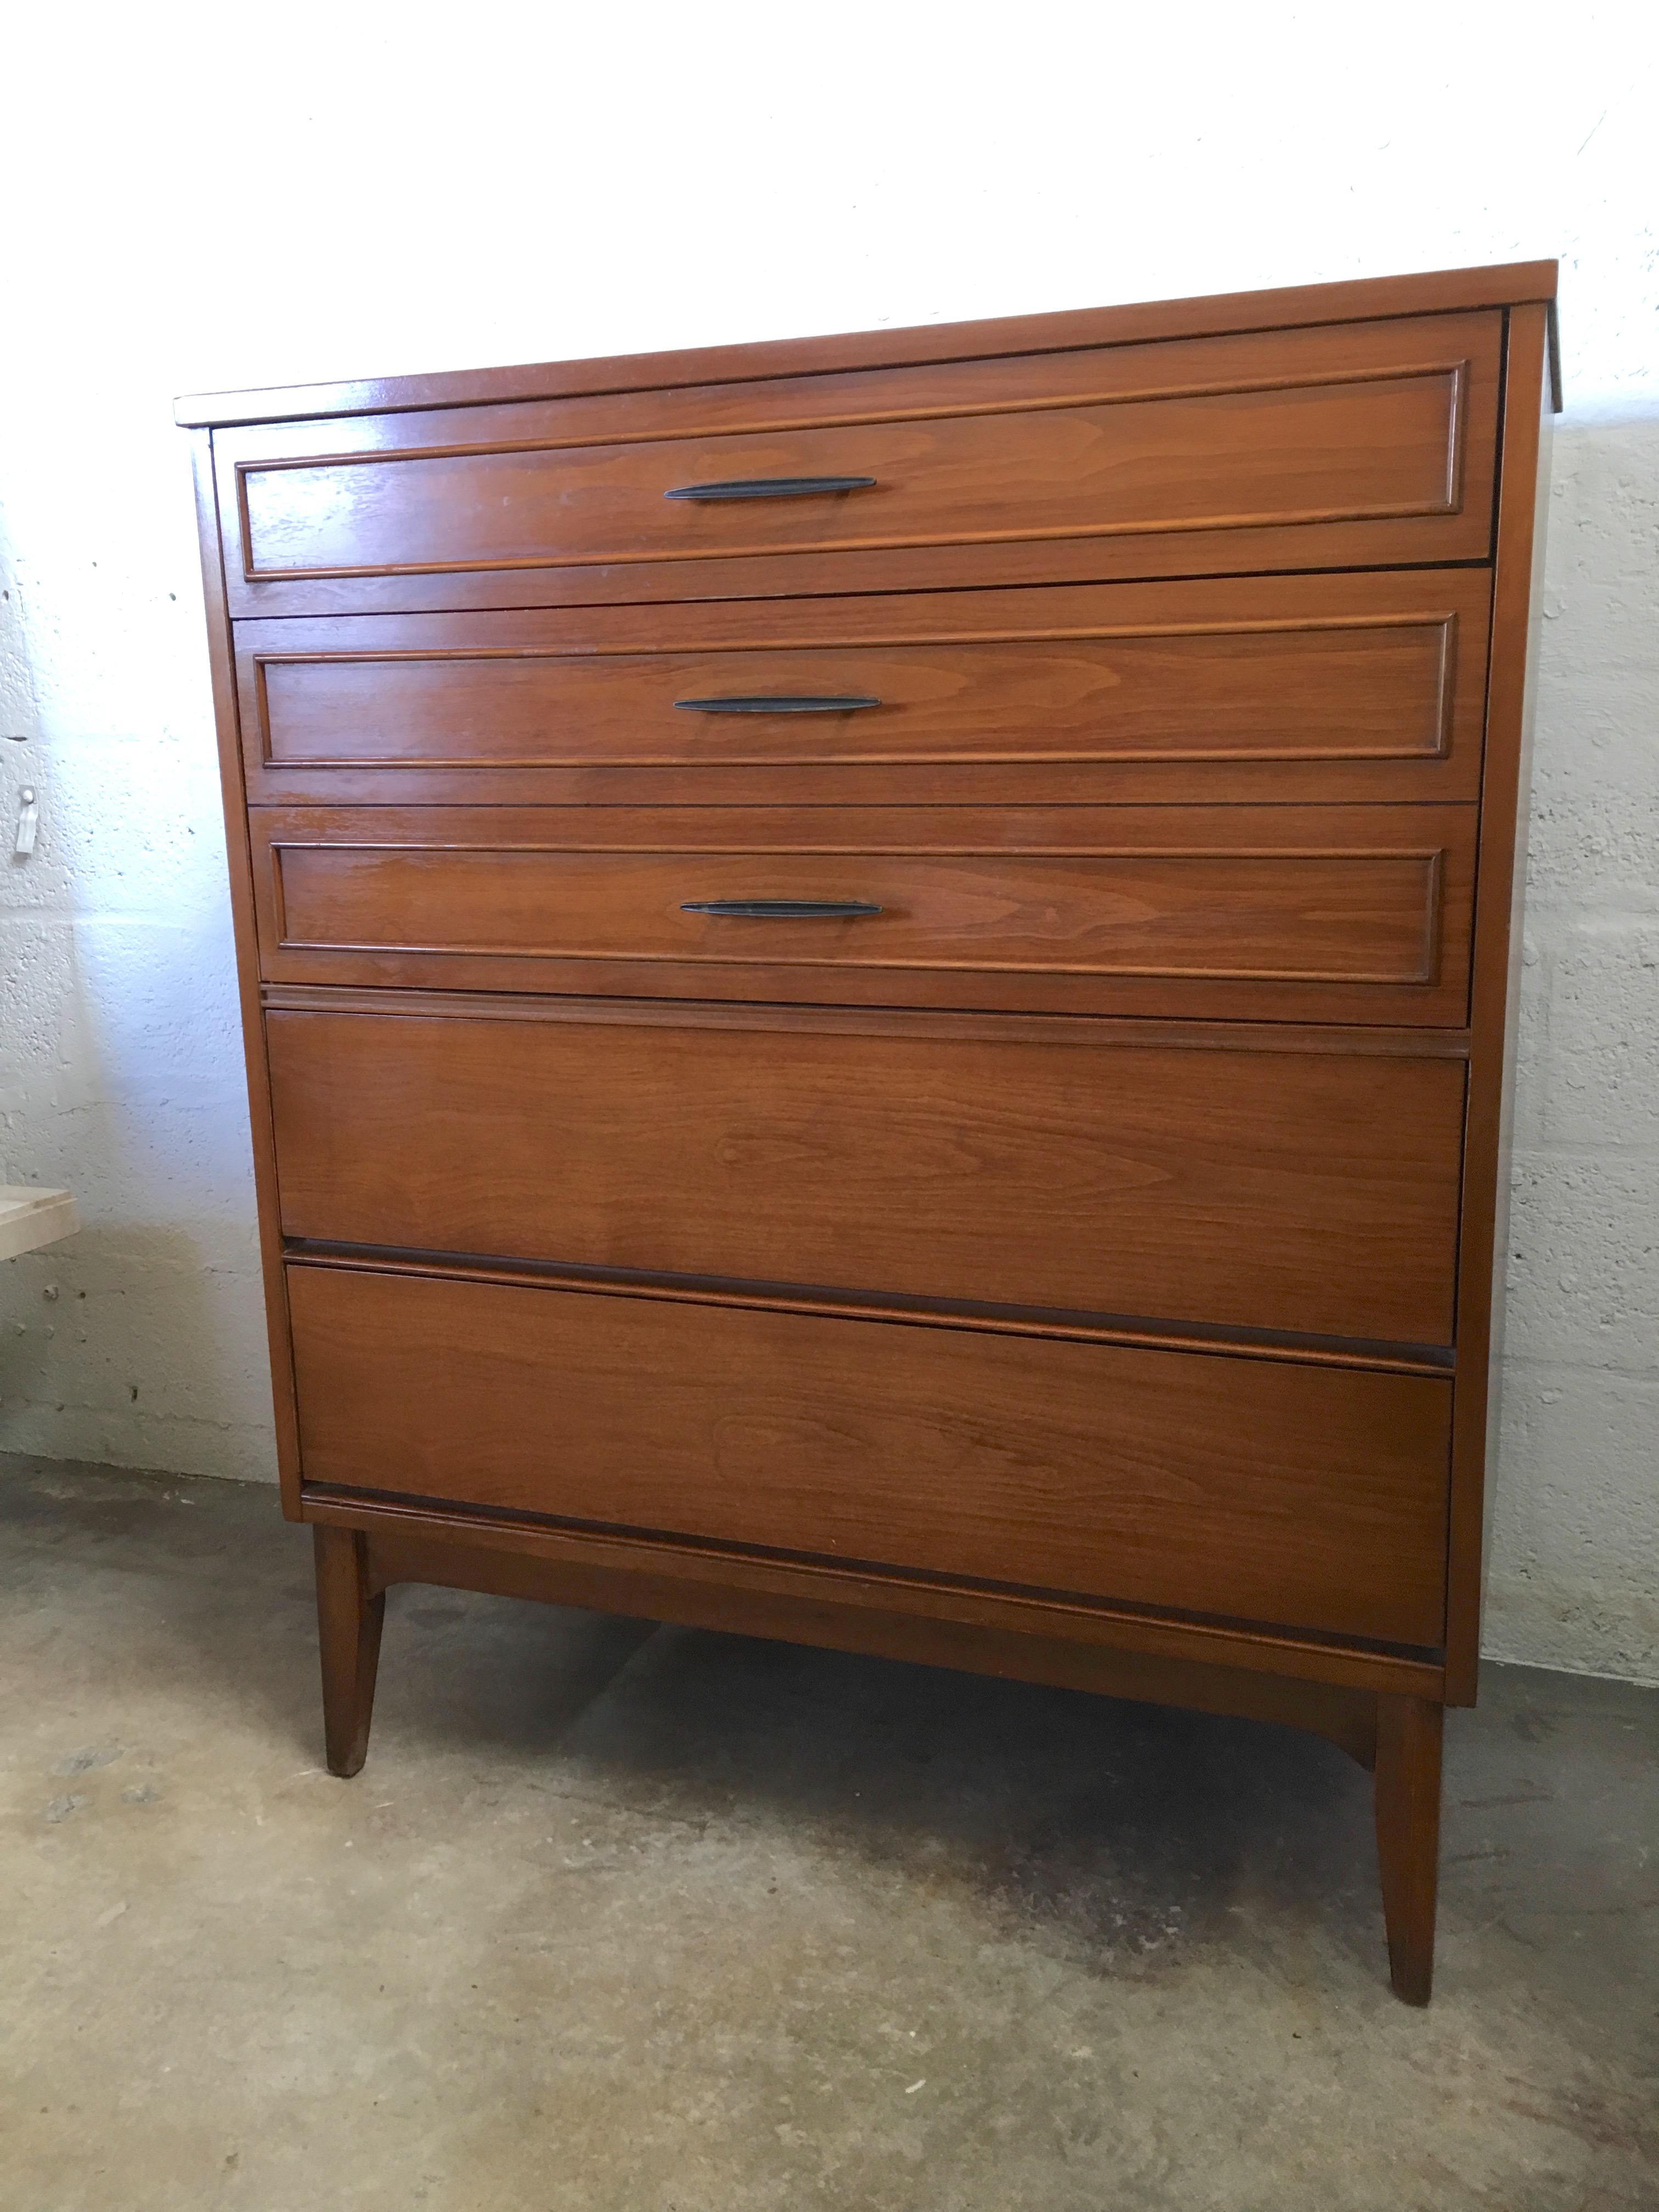 Dixie Furniture Antique Dresser BestDressers 2017